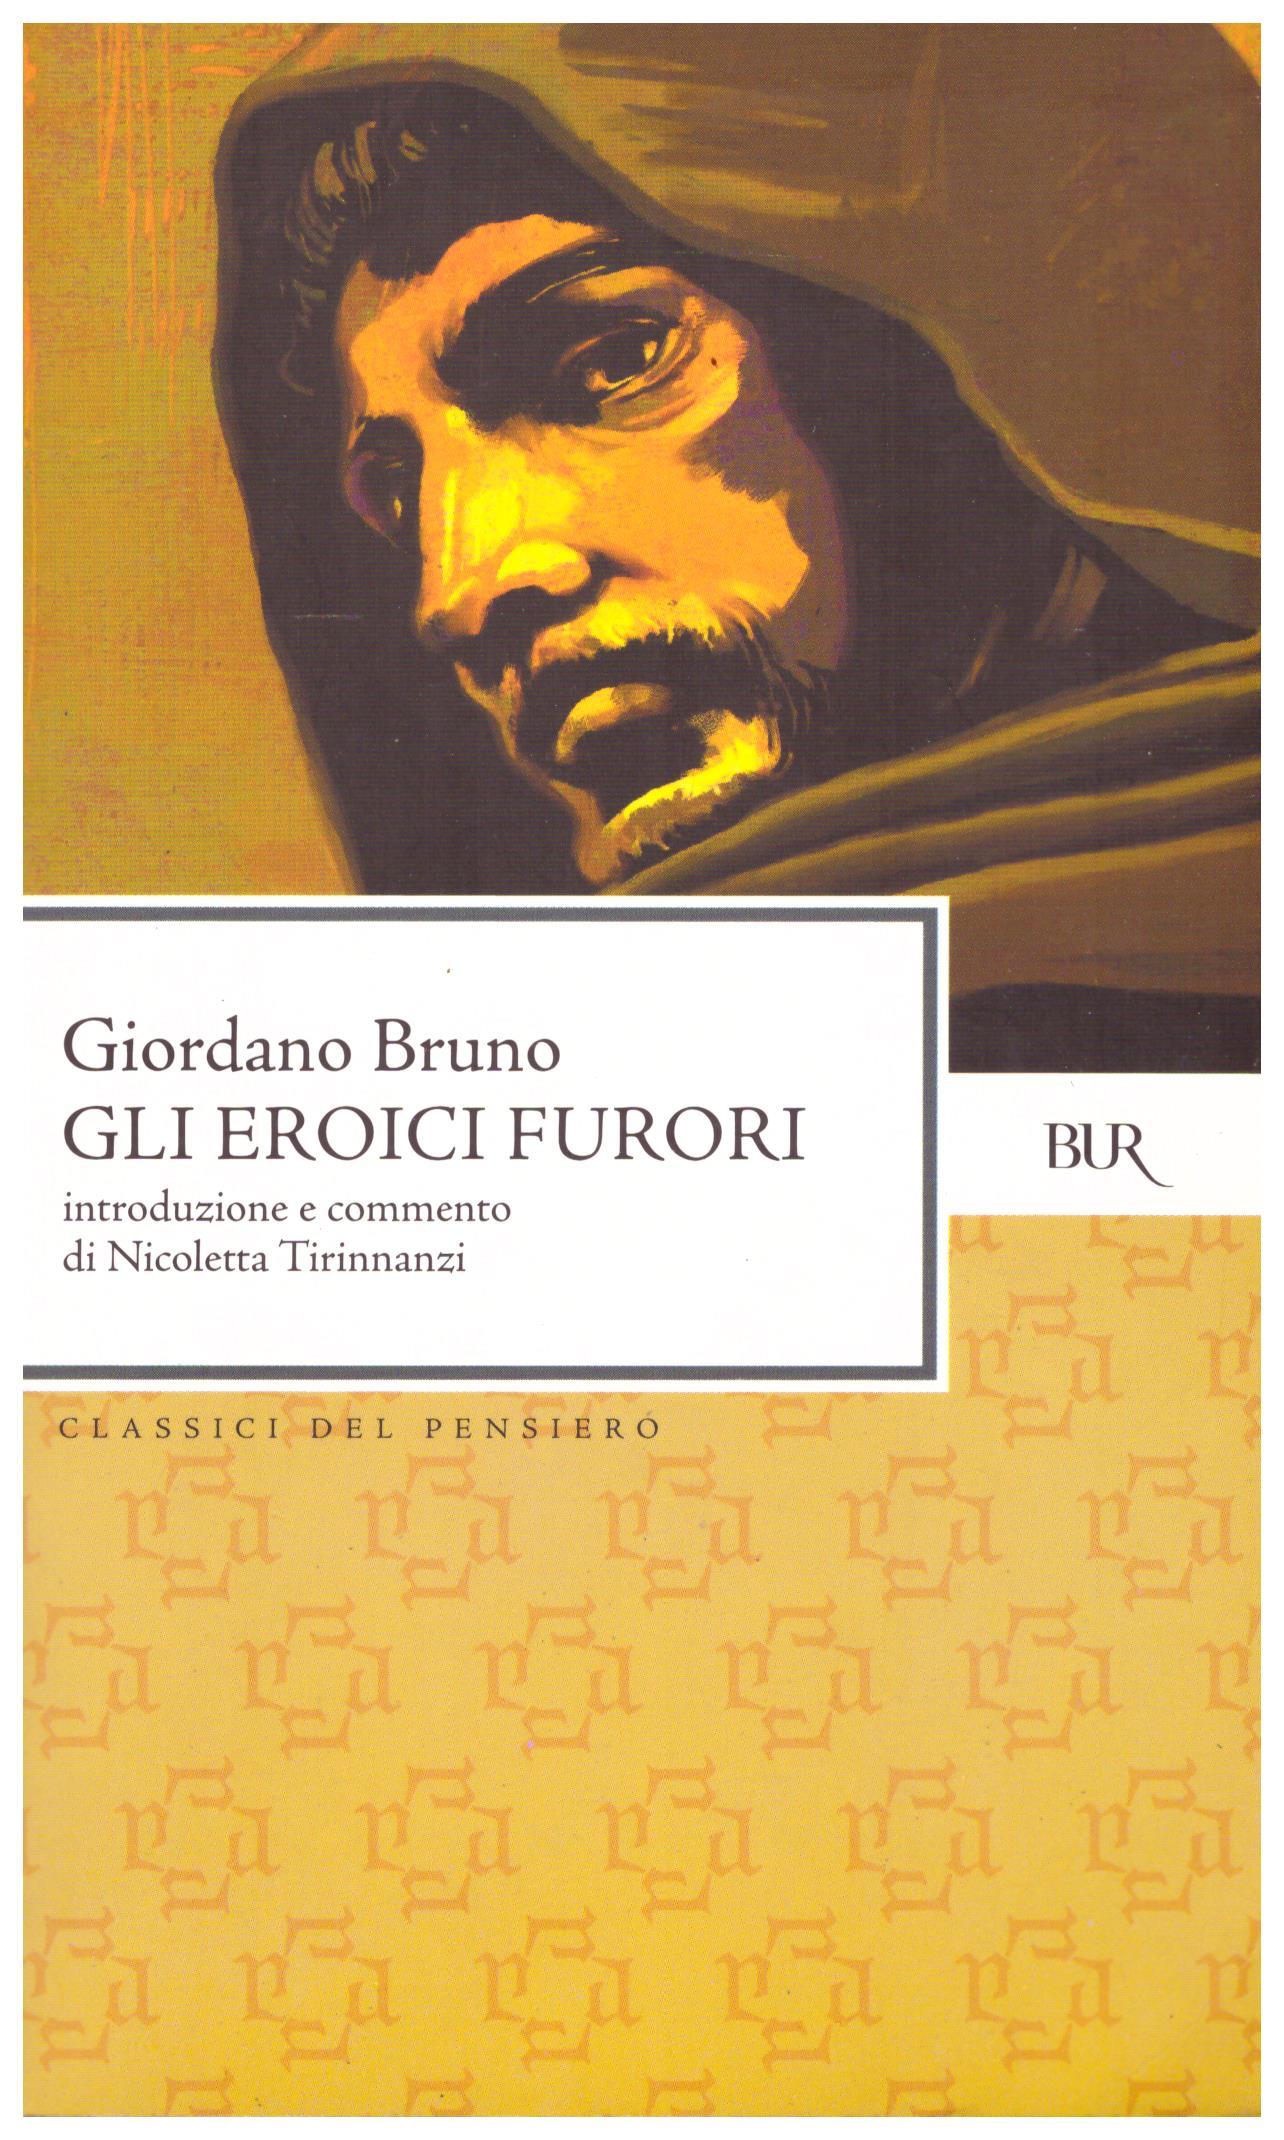 Titolo: Gli eroici furori Autore: Giordano Bruno  Editore: BUR, 2006